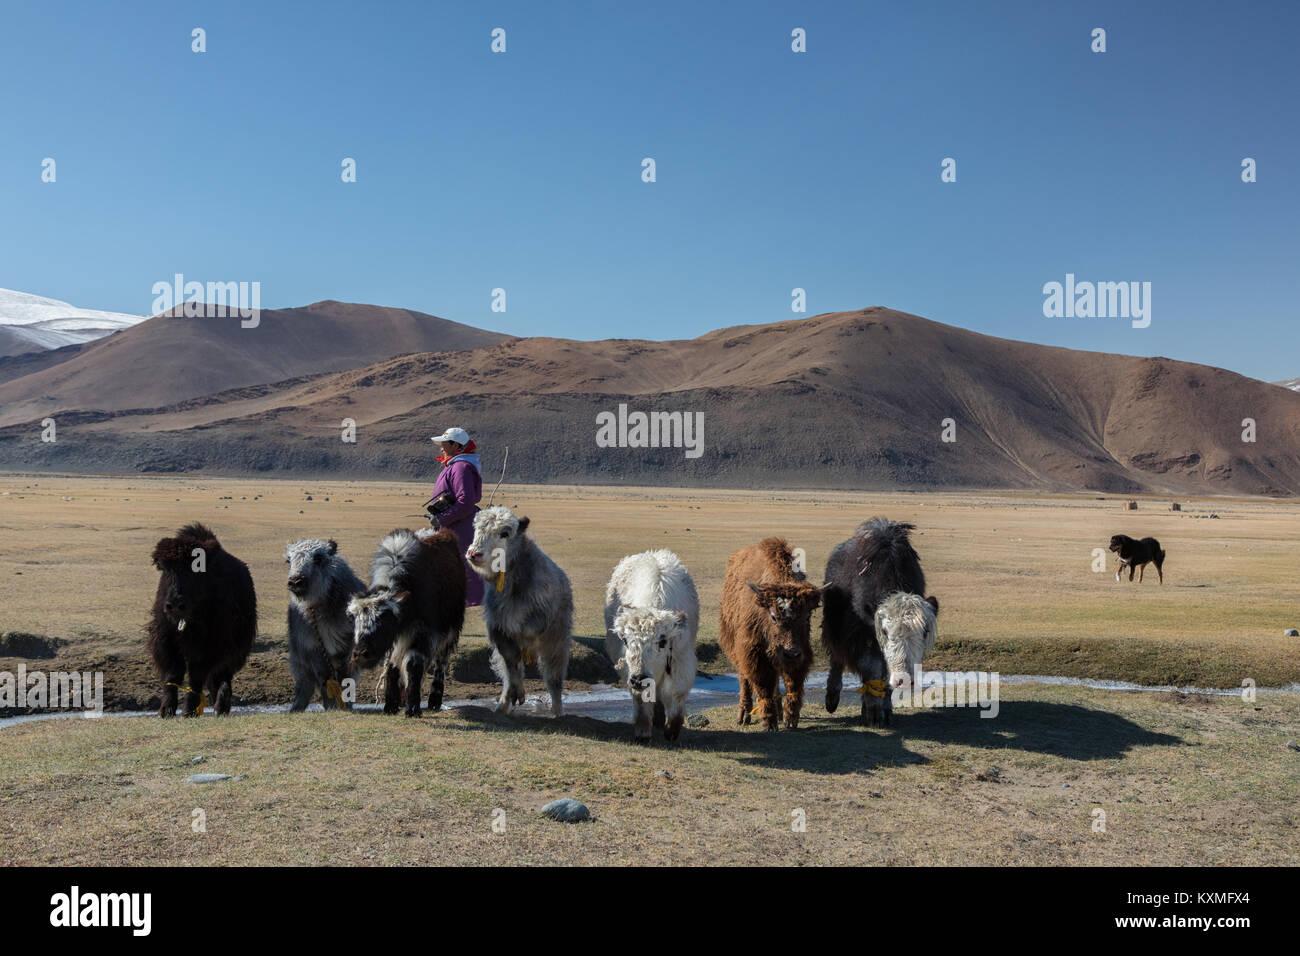 Il mongolo in bianco e nero yak cane pastore donna herder Mongolia steppe inverno praterie pianure Immagini Stock